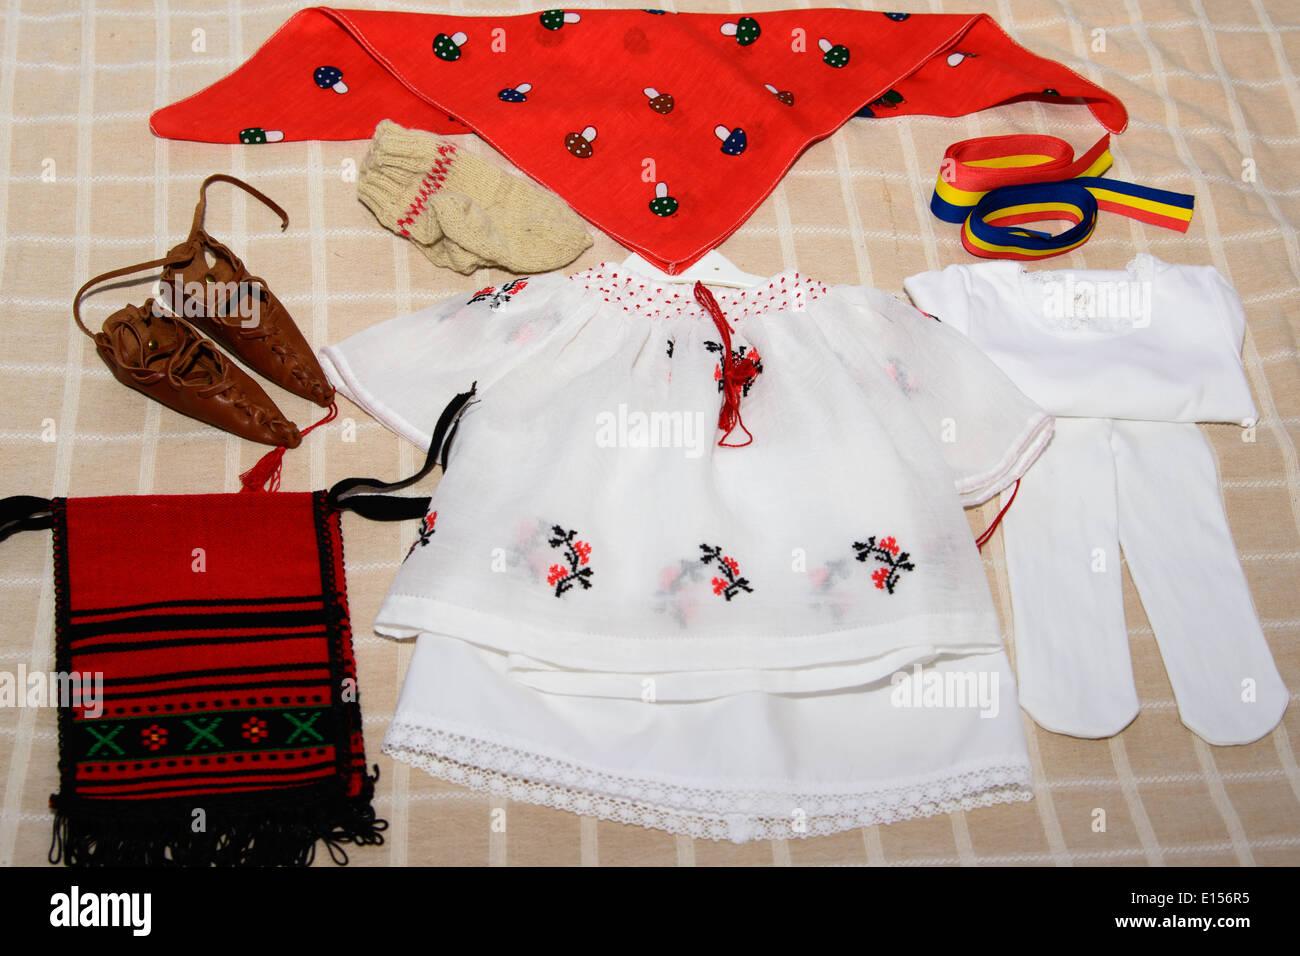 Traje tradicional de Rumania, símbolo étnico con bandera rumana Imagen De Stock